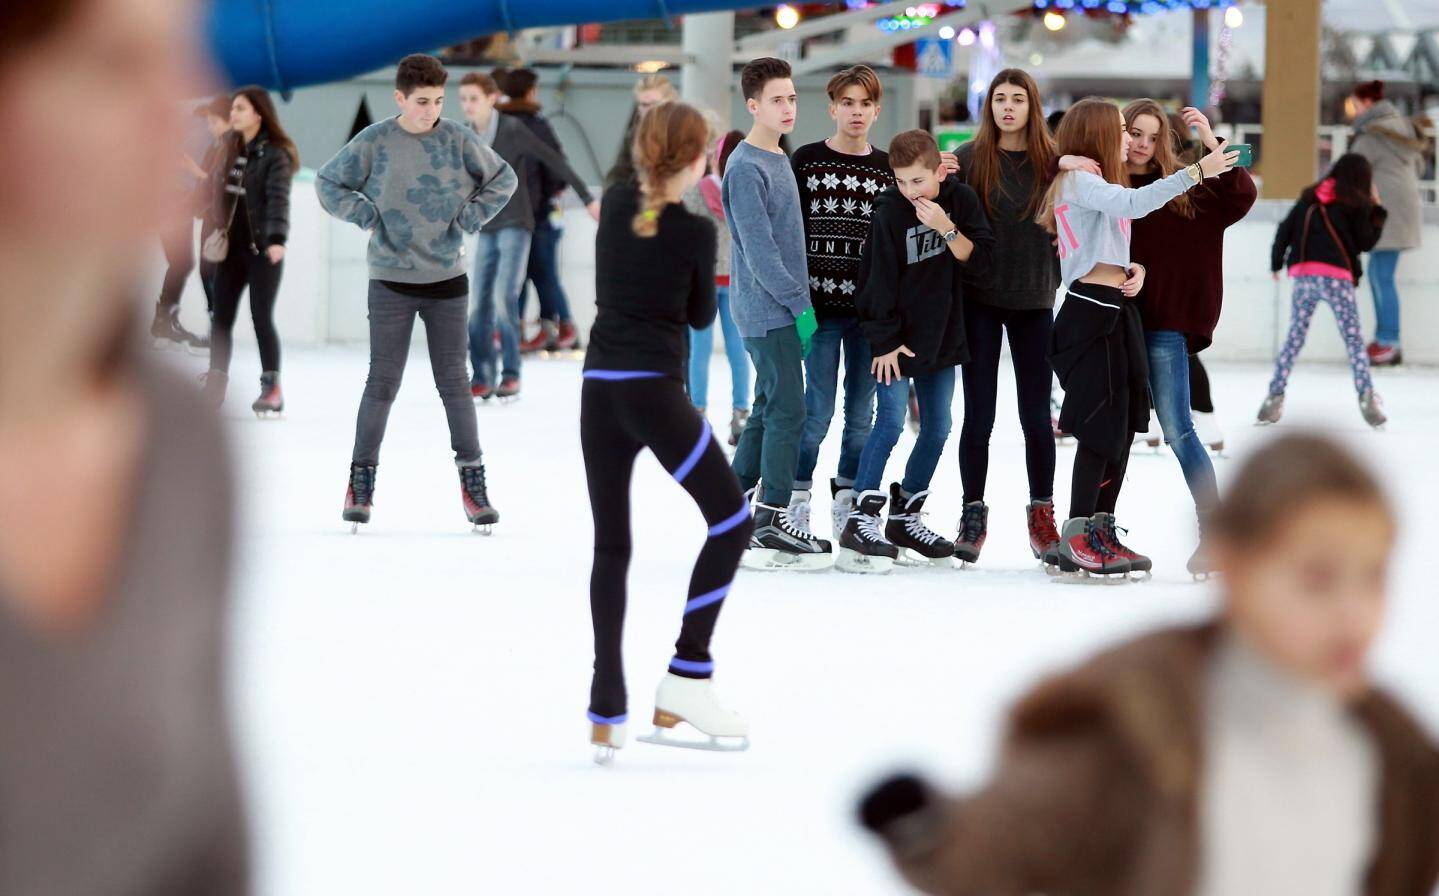 La patinoire est ouverte jusqu'au 28 février.